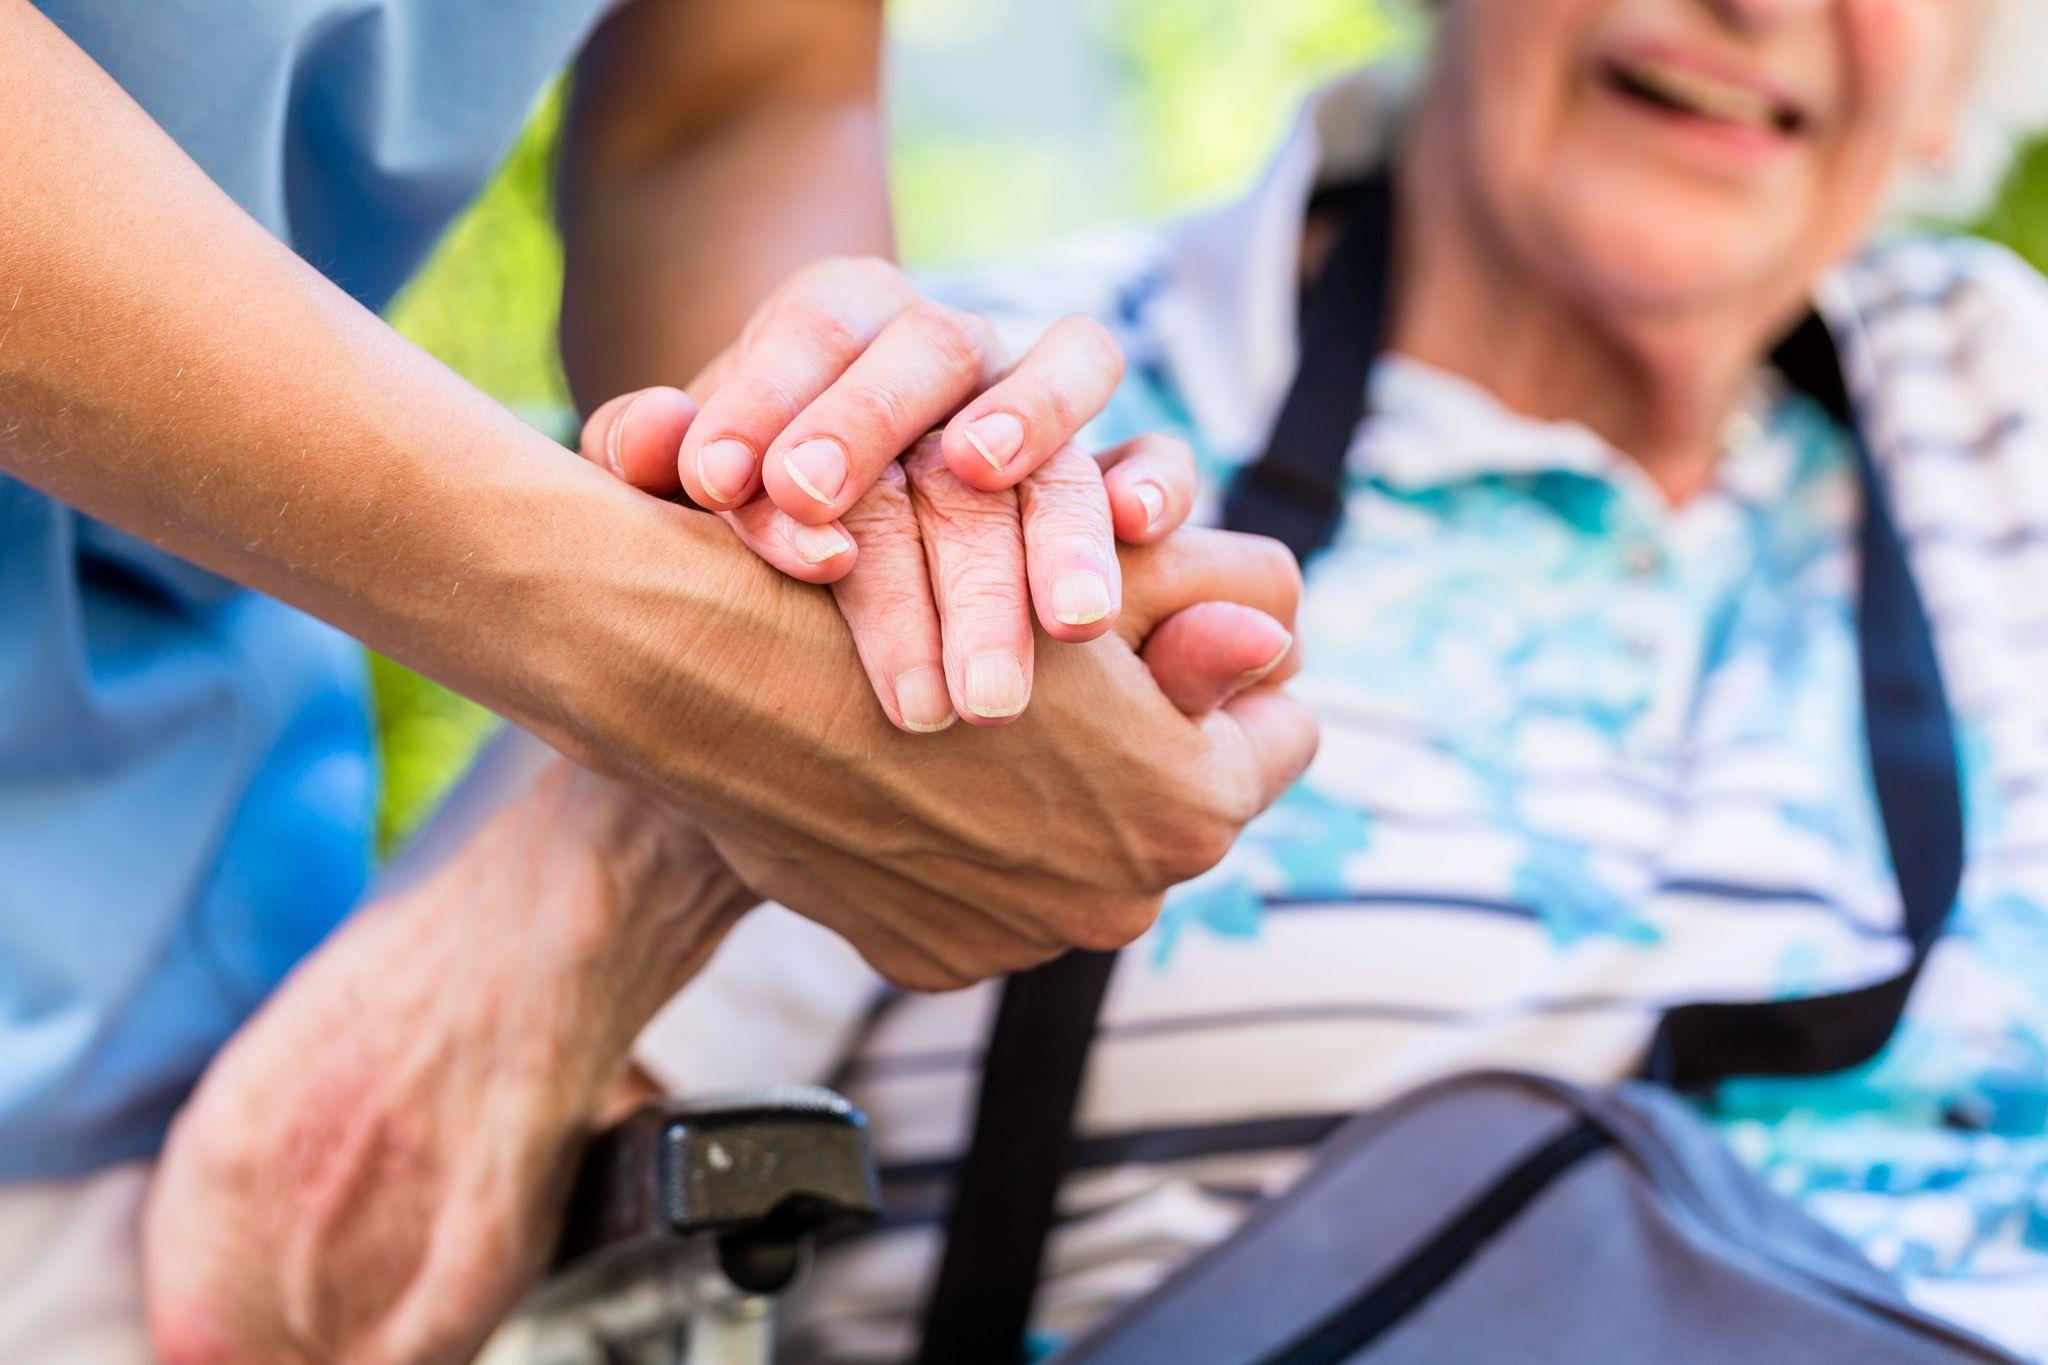 L'importance de l'aide à domicile pour les personnes handicapées